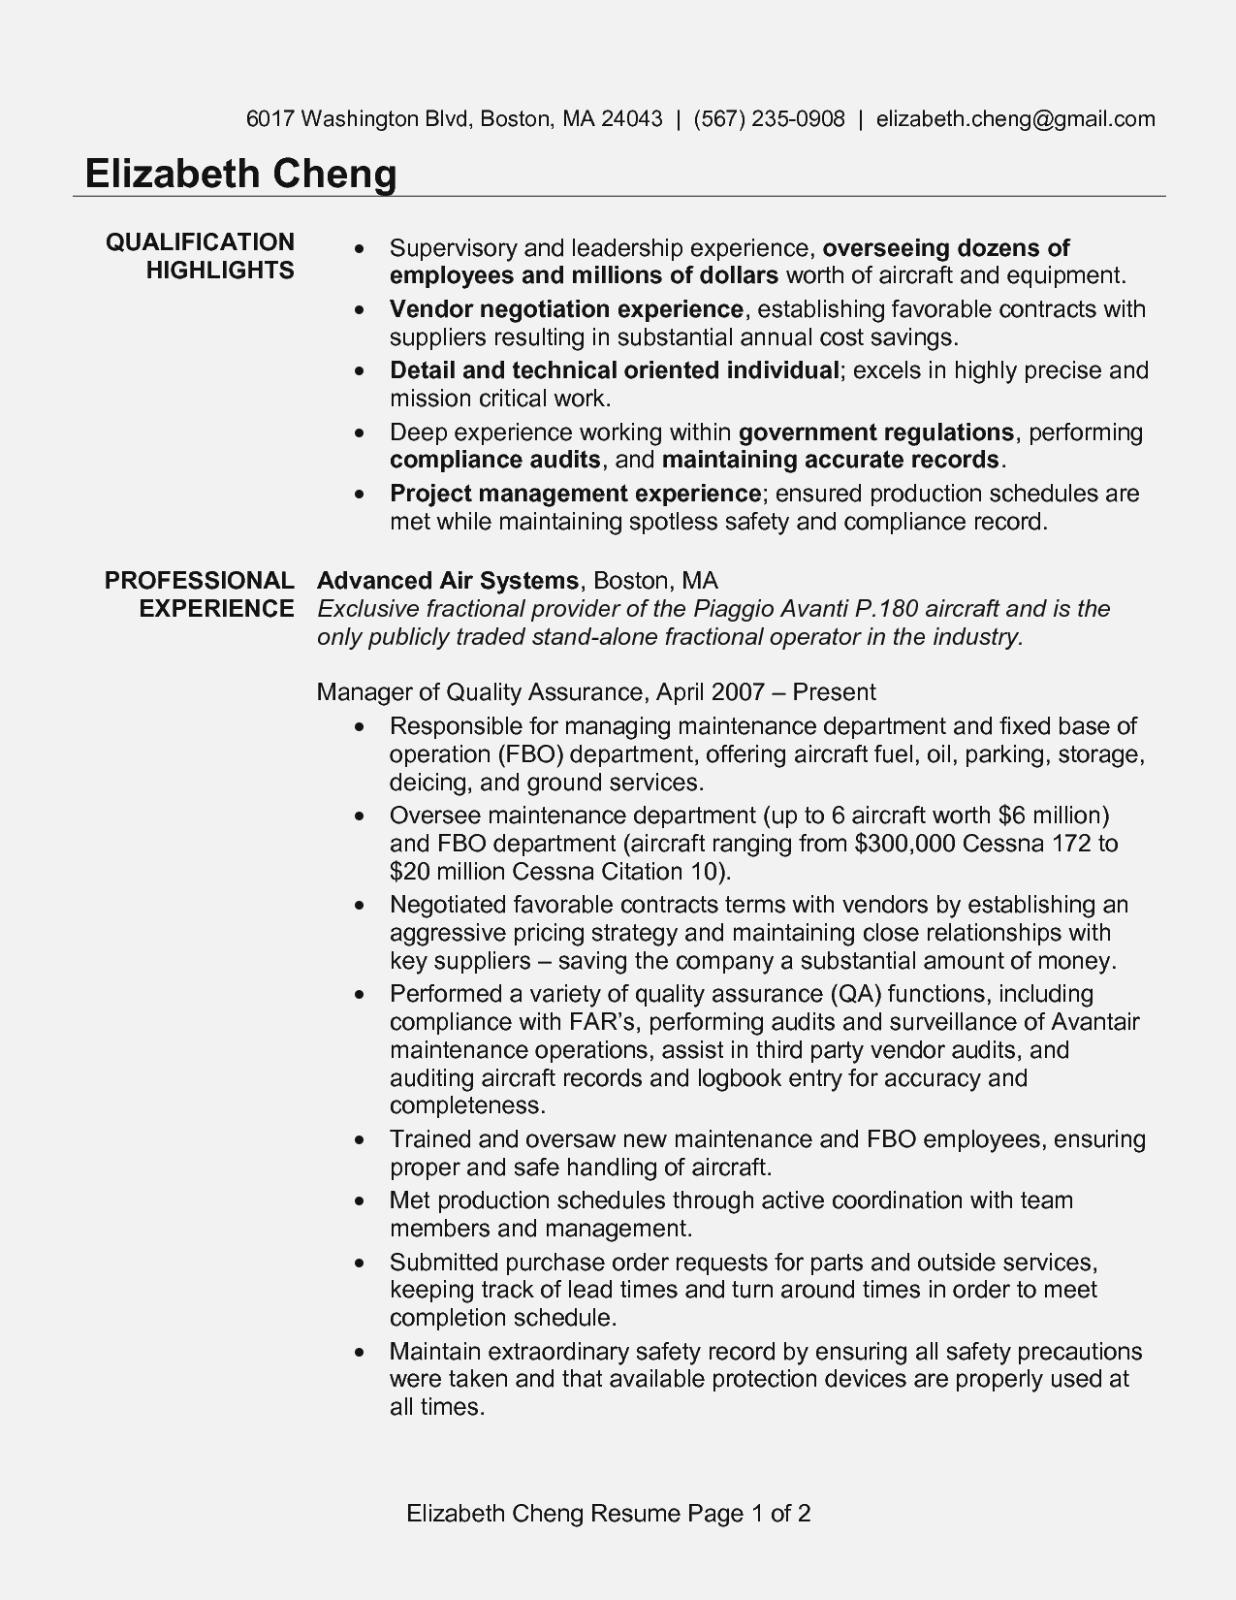 Resume Templates Quality Assurance Manager Resume Templates Lebenslauf Beispiele Vorlagen Lebenslauf